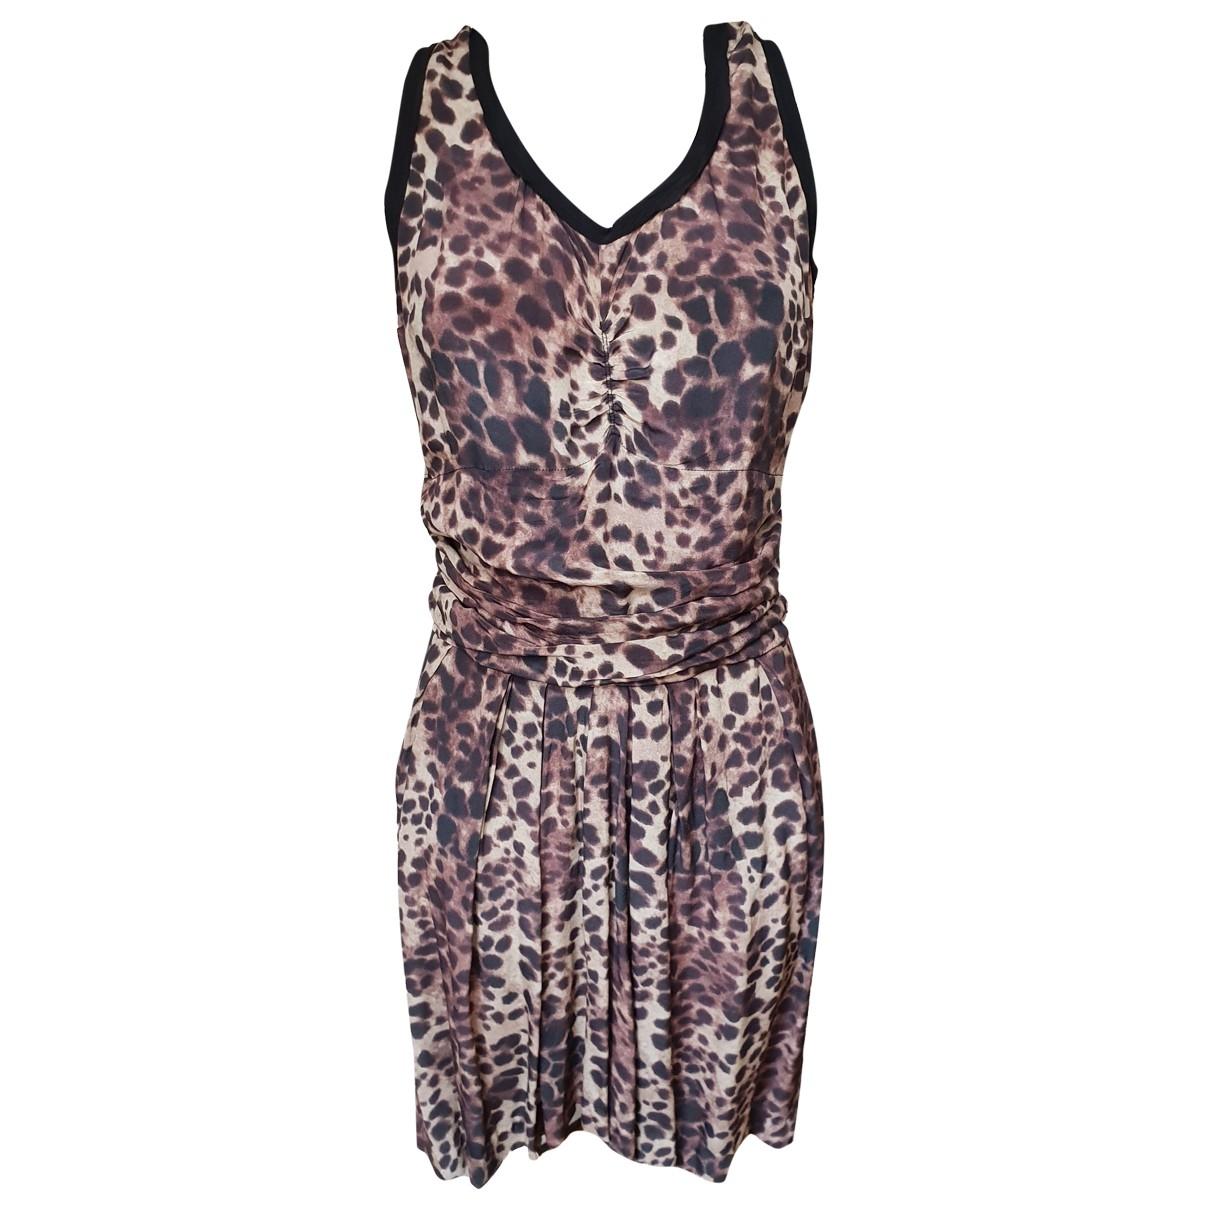 Isabel Marant Etoile \N Black Silk dress for Women 2 0-5